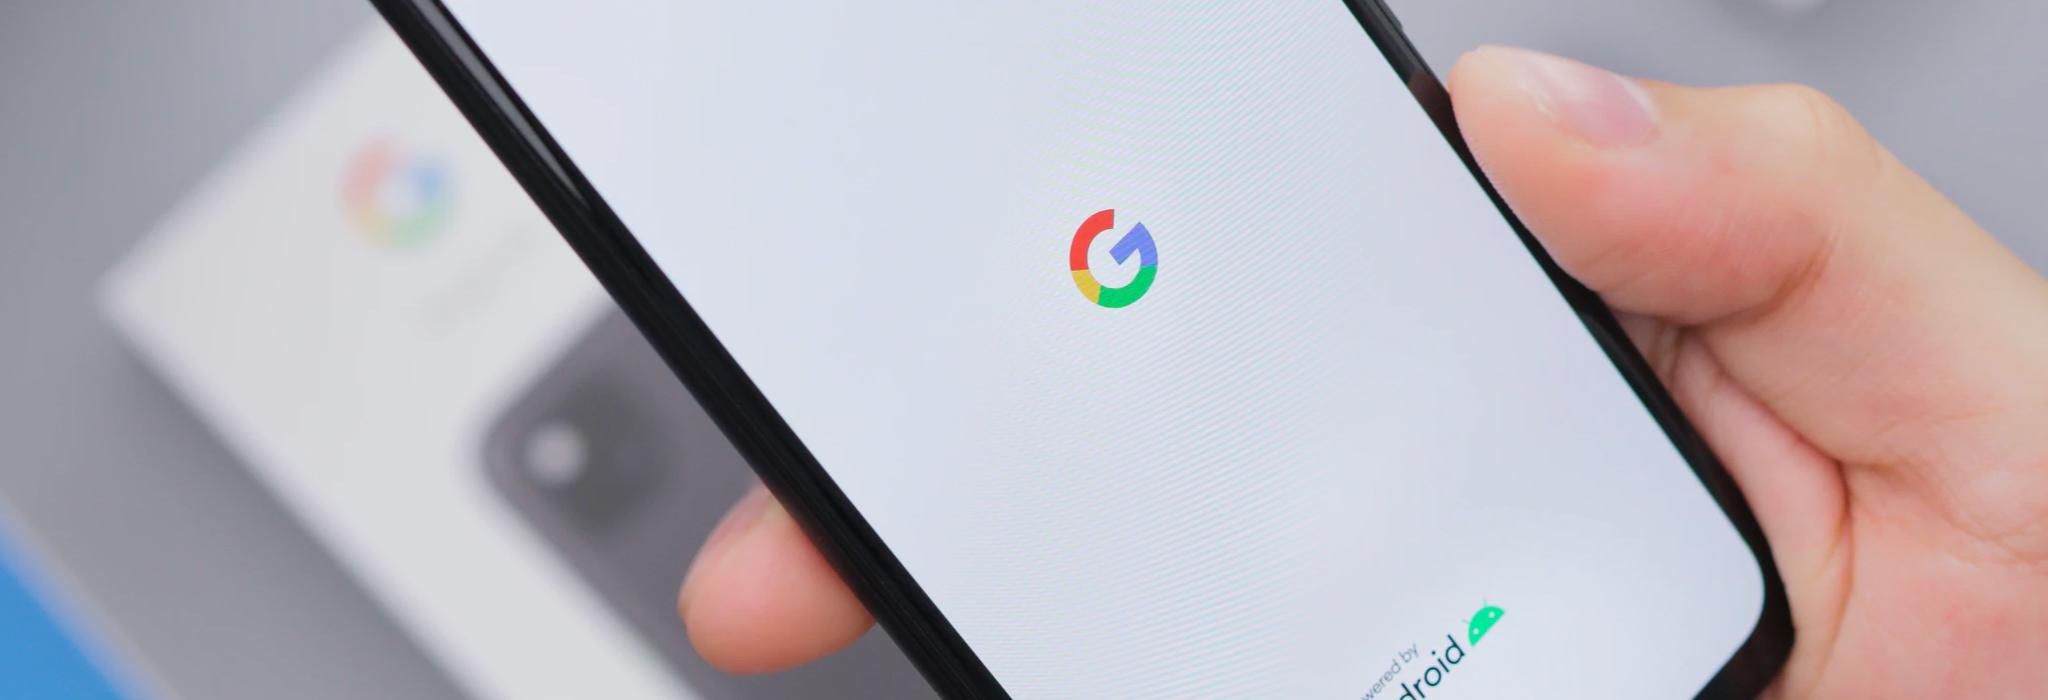 diritto all'oblio google studio legale carriero